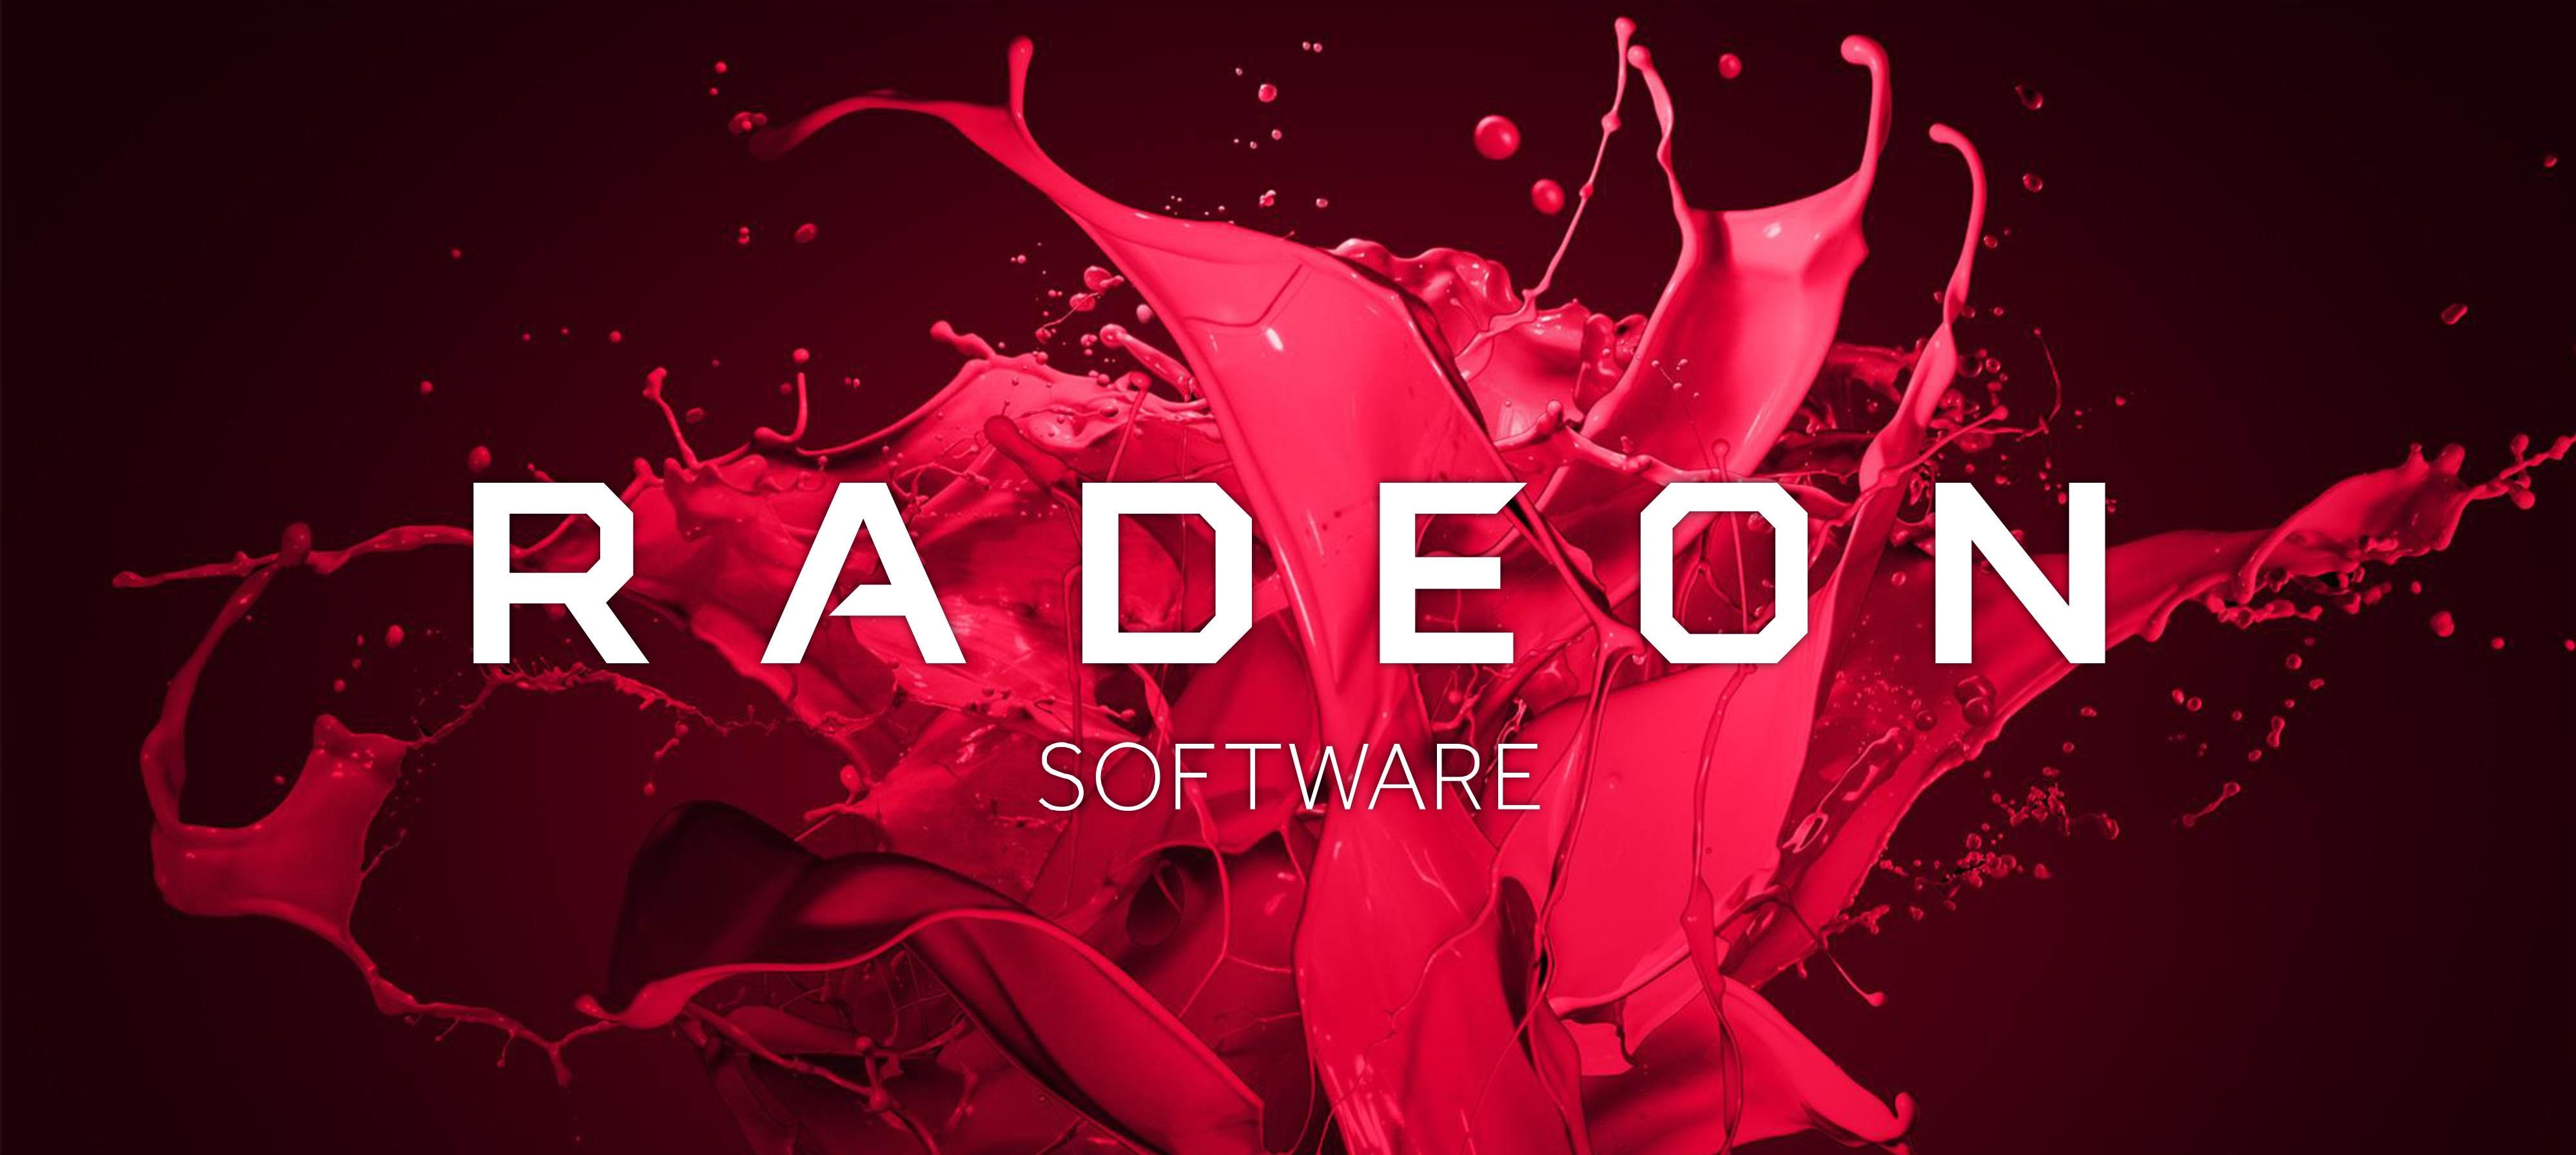 Ya están aquí los AMD Radeon Software Crimson ReLive 17.6.2 Beta para DiRT 4